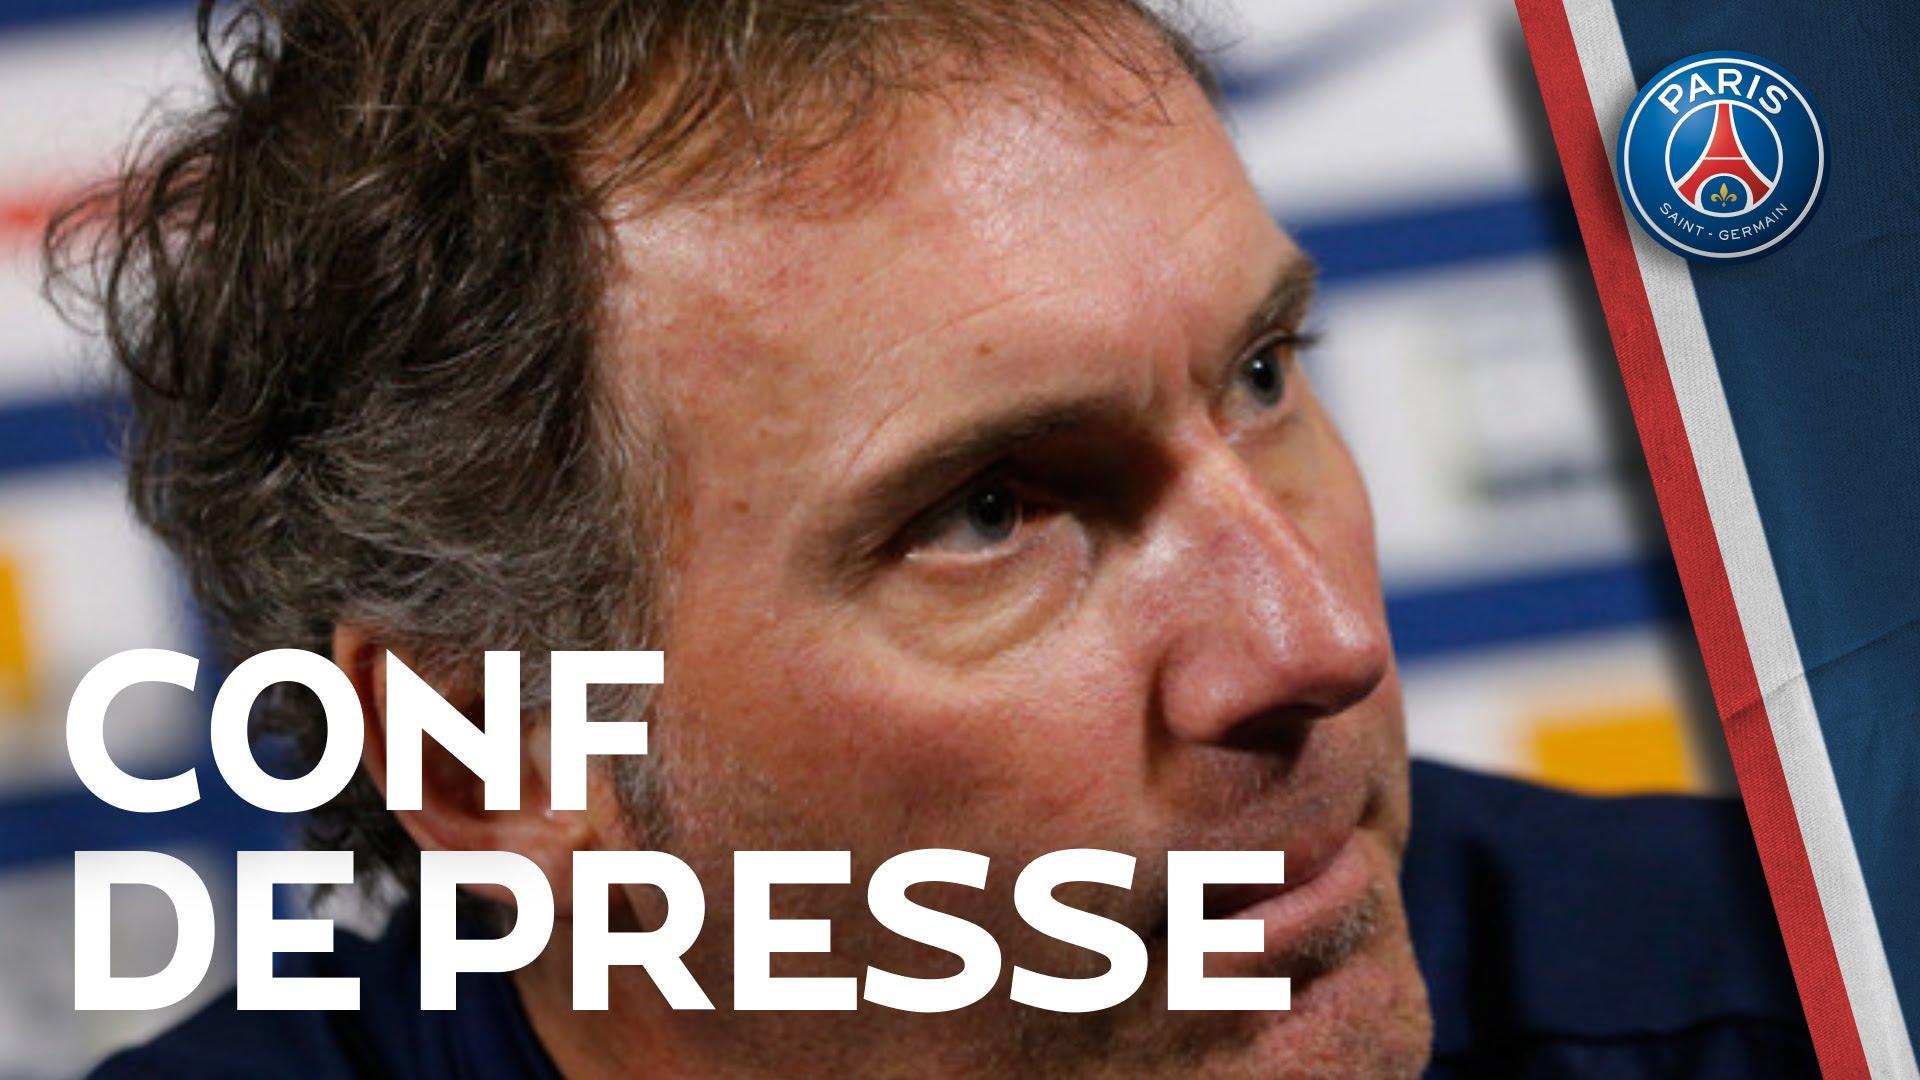 Conférence de Presse Laurent Blanc